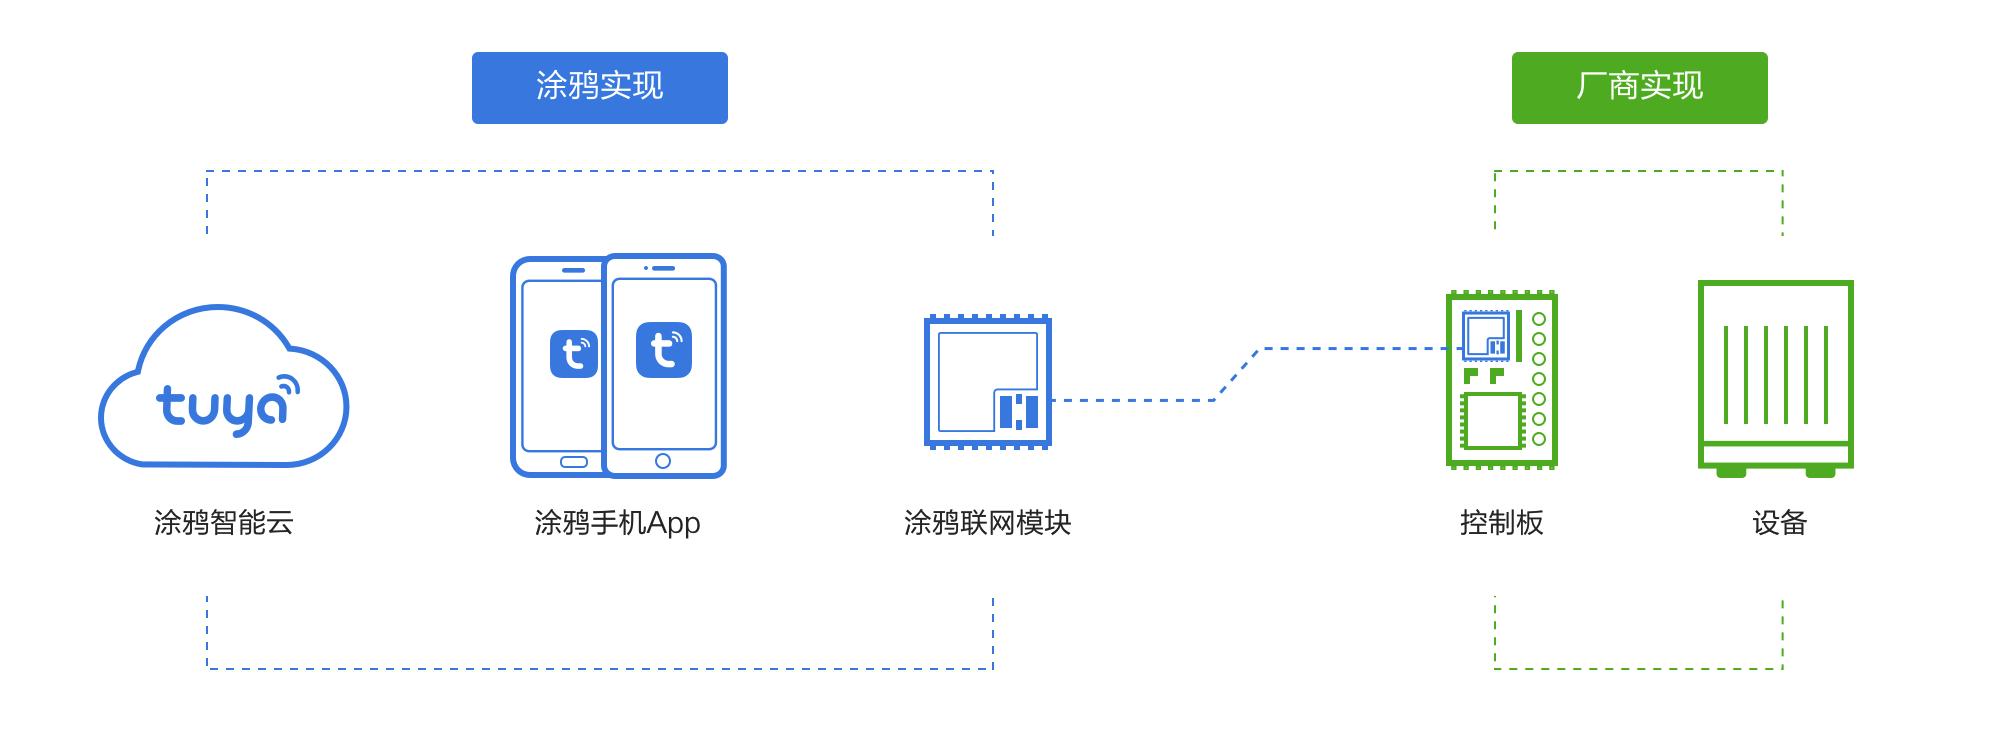 涂鸦 IoT 平台